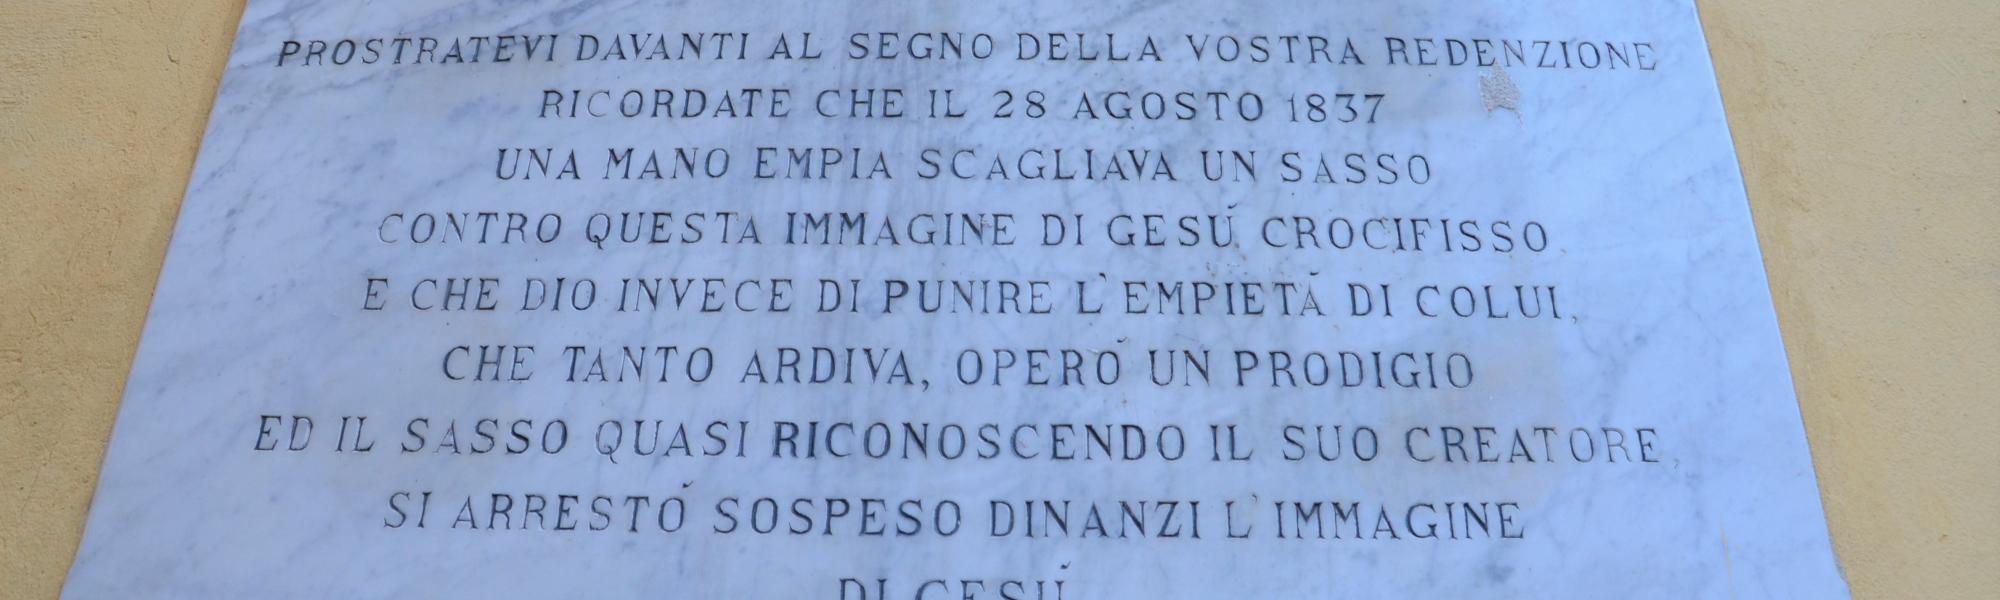 Il Crocifisso, piazza del Crocifisso (L. Corevi, Comune di Pisa)